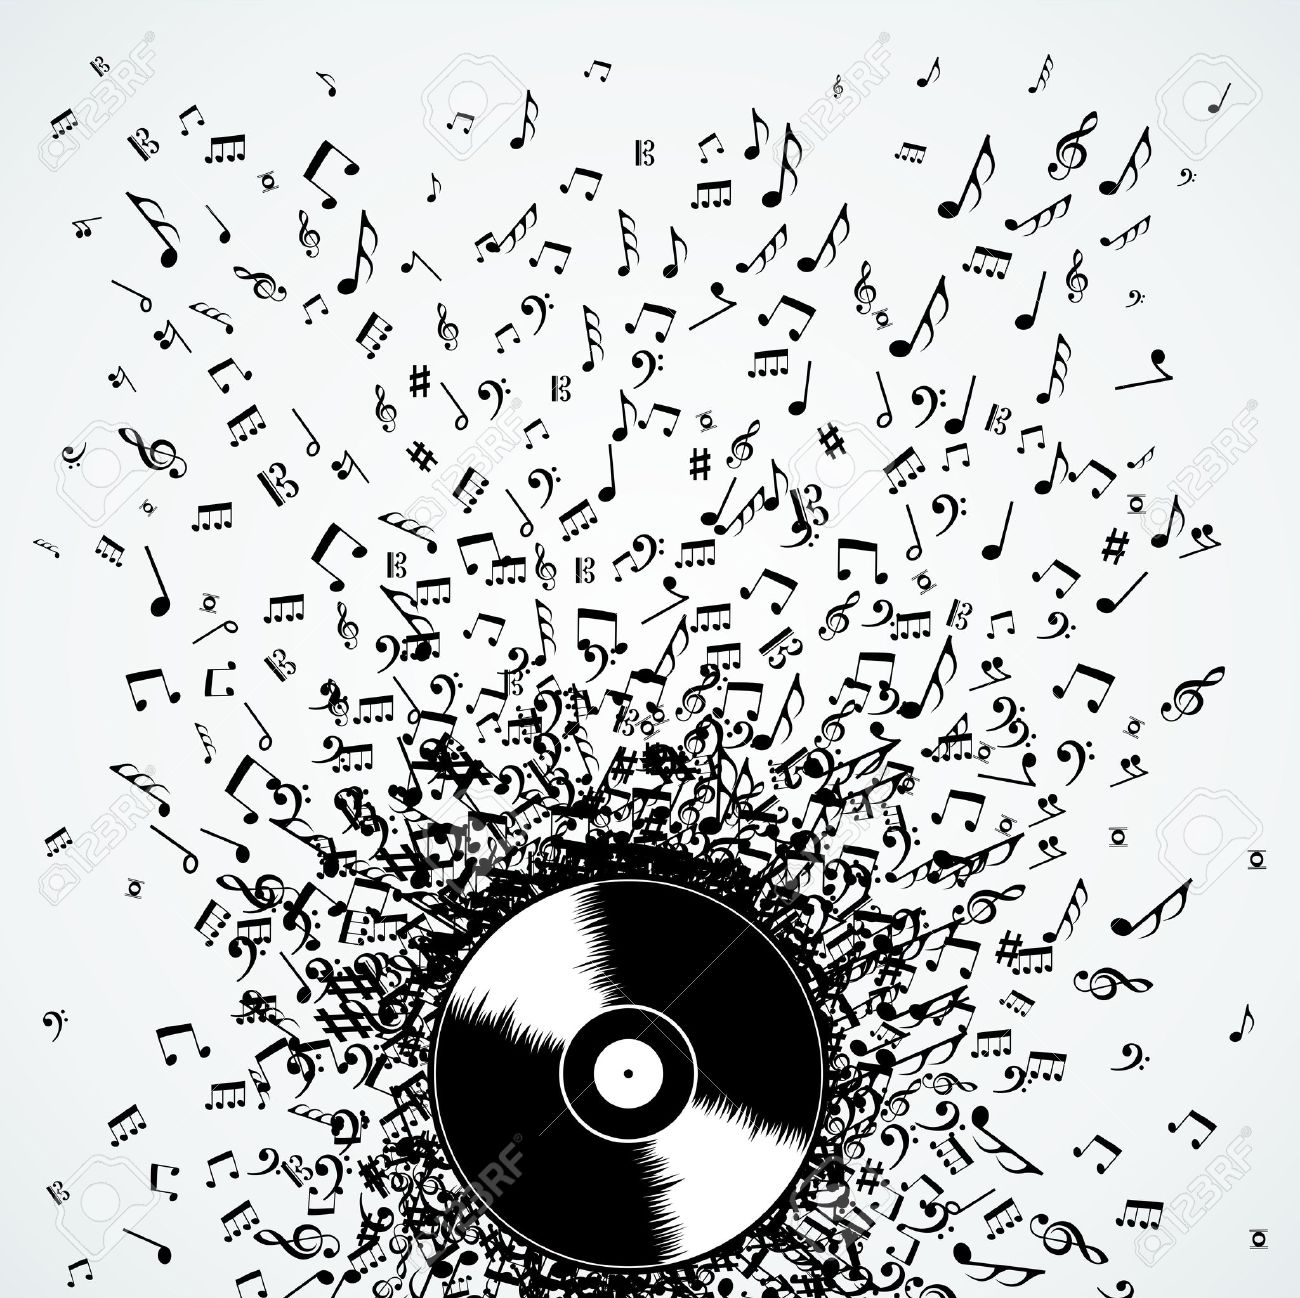 Dj vinyl record music notes splash illustration. Stock Vector - 21280332